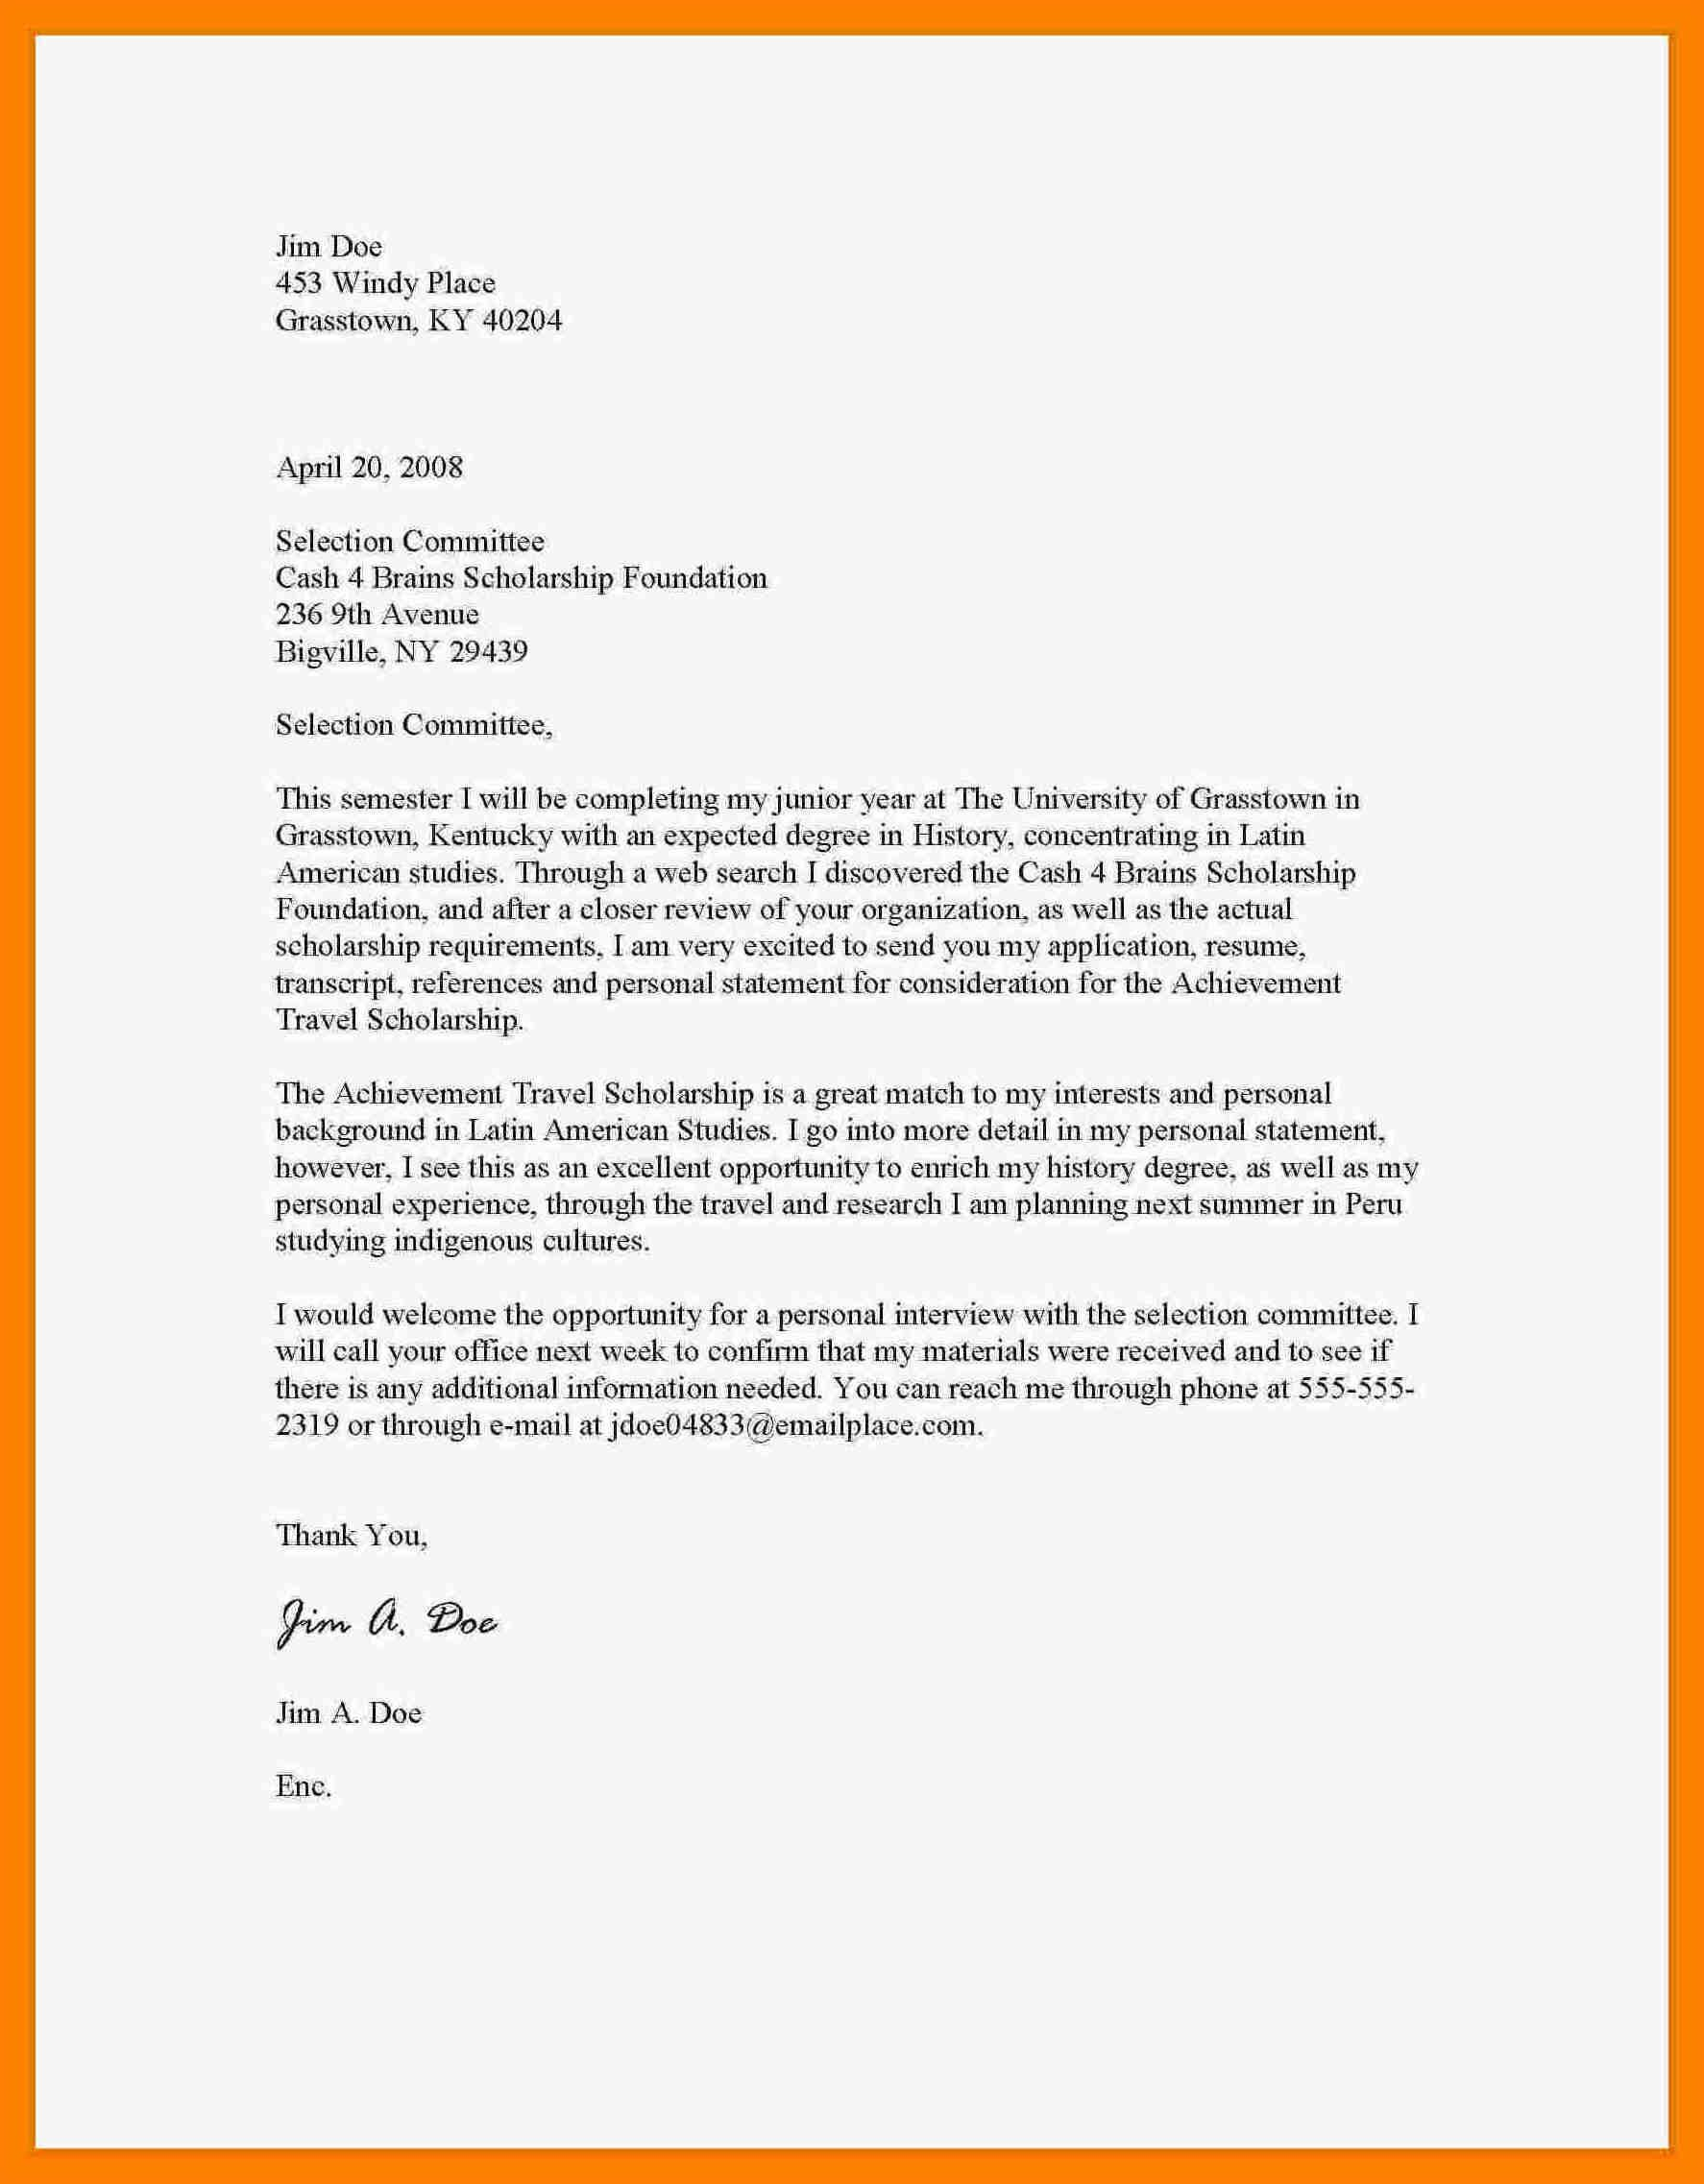 5 Motivation Letter Sample Pdf Target Cashier Job Cover Letter Application Cover Letter Cover Letter Outline